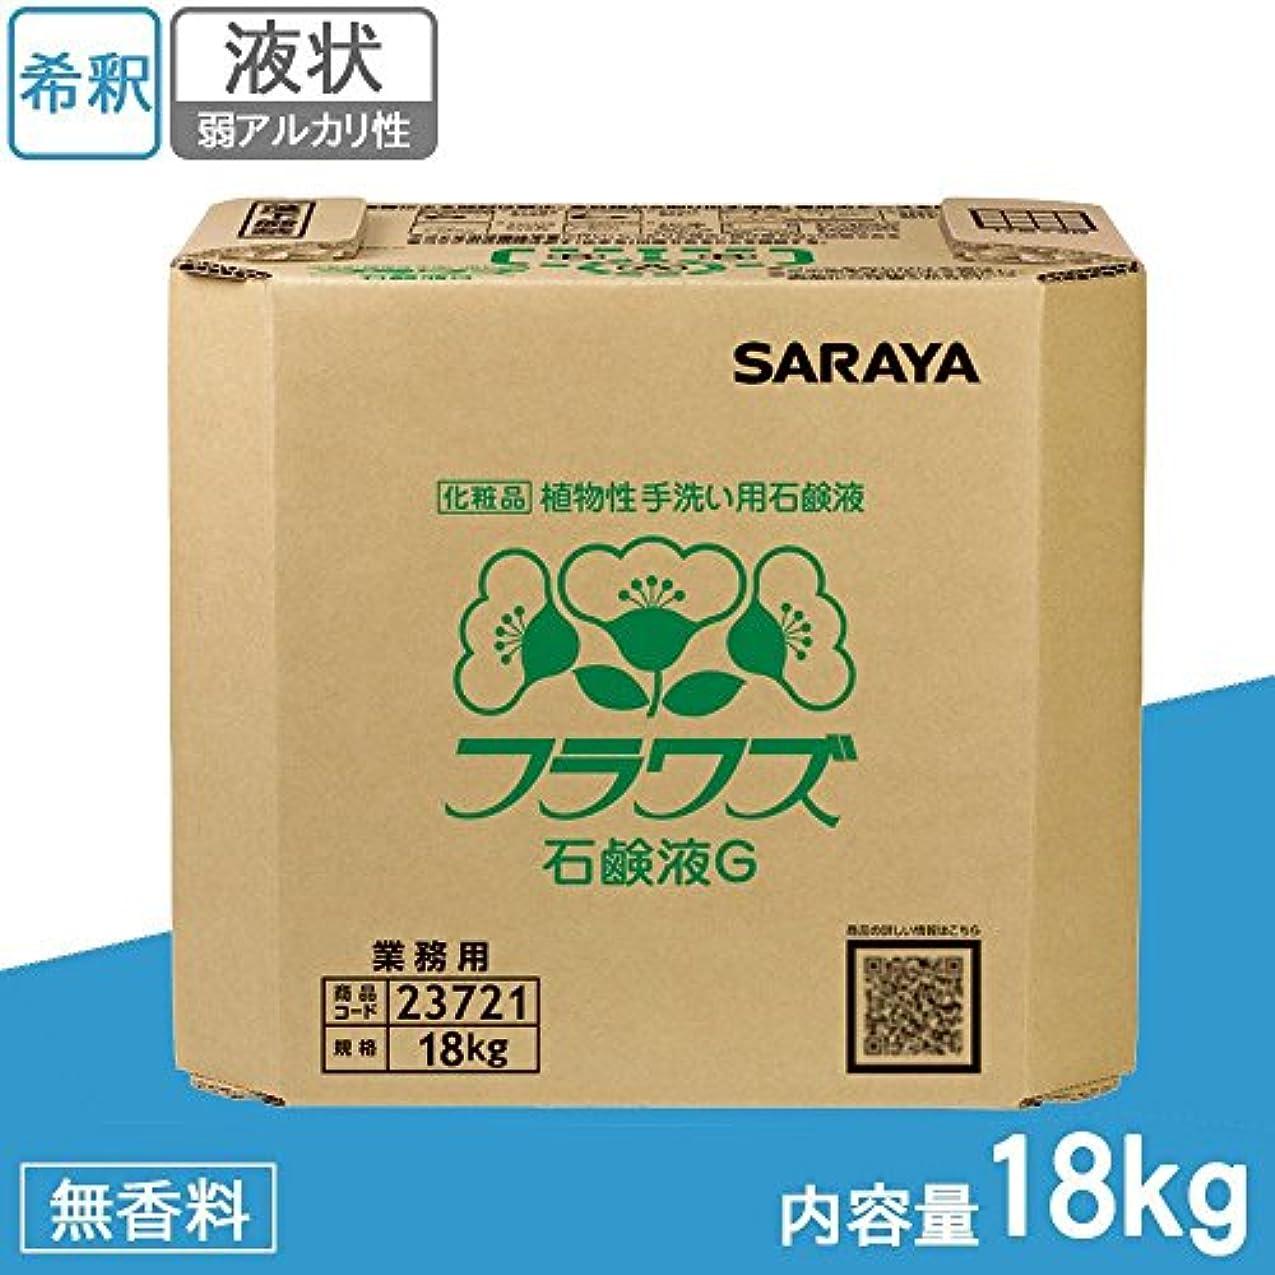 肉腫二十症候群サラヤ 業務用 植物性手洗い用石鹸液 フラワズ石鹸液G 18kg BIB 23721